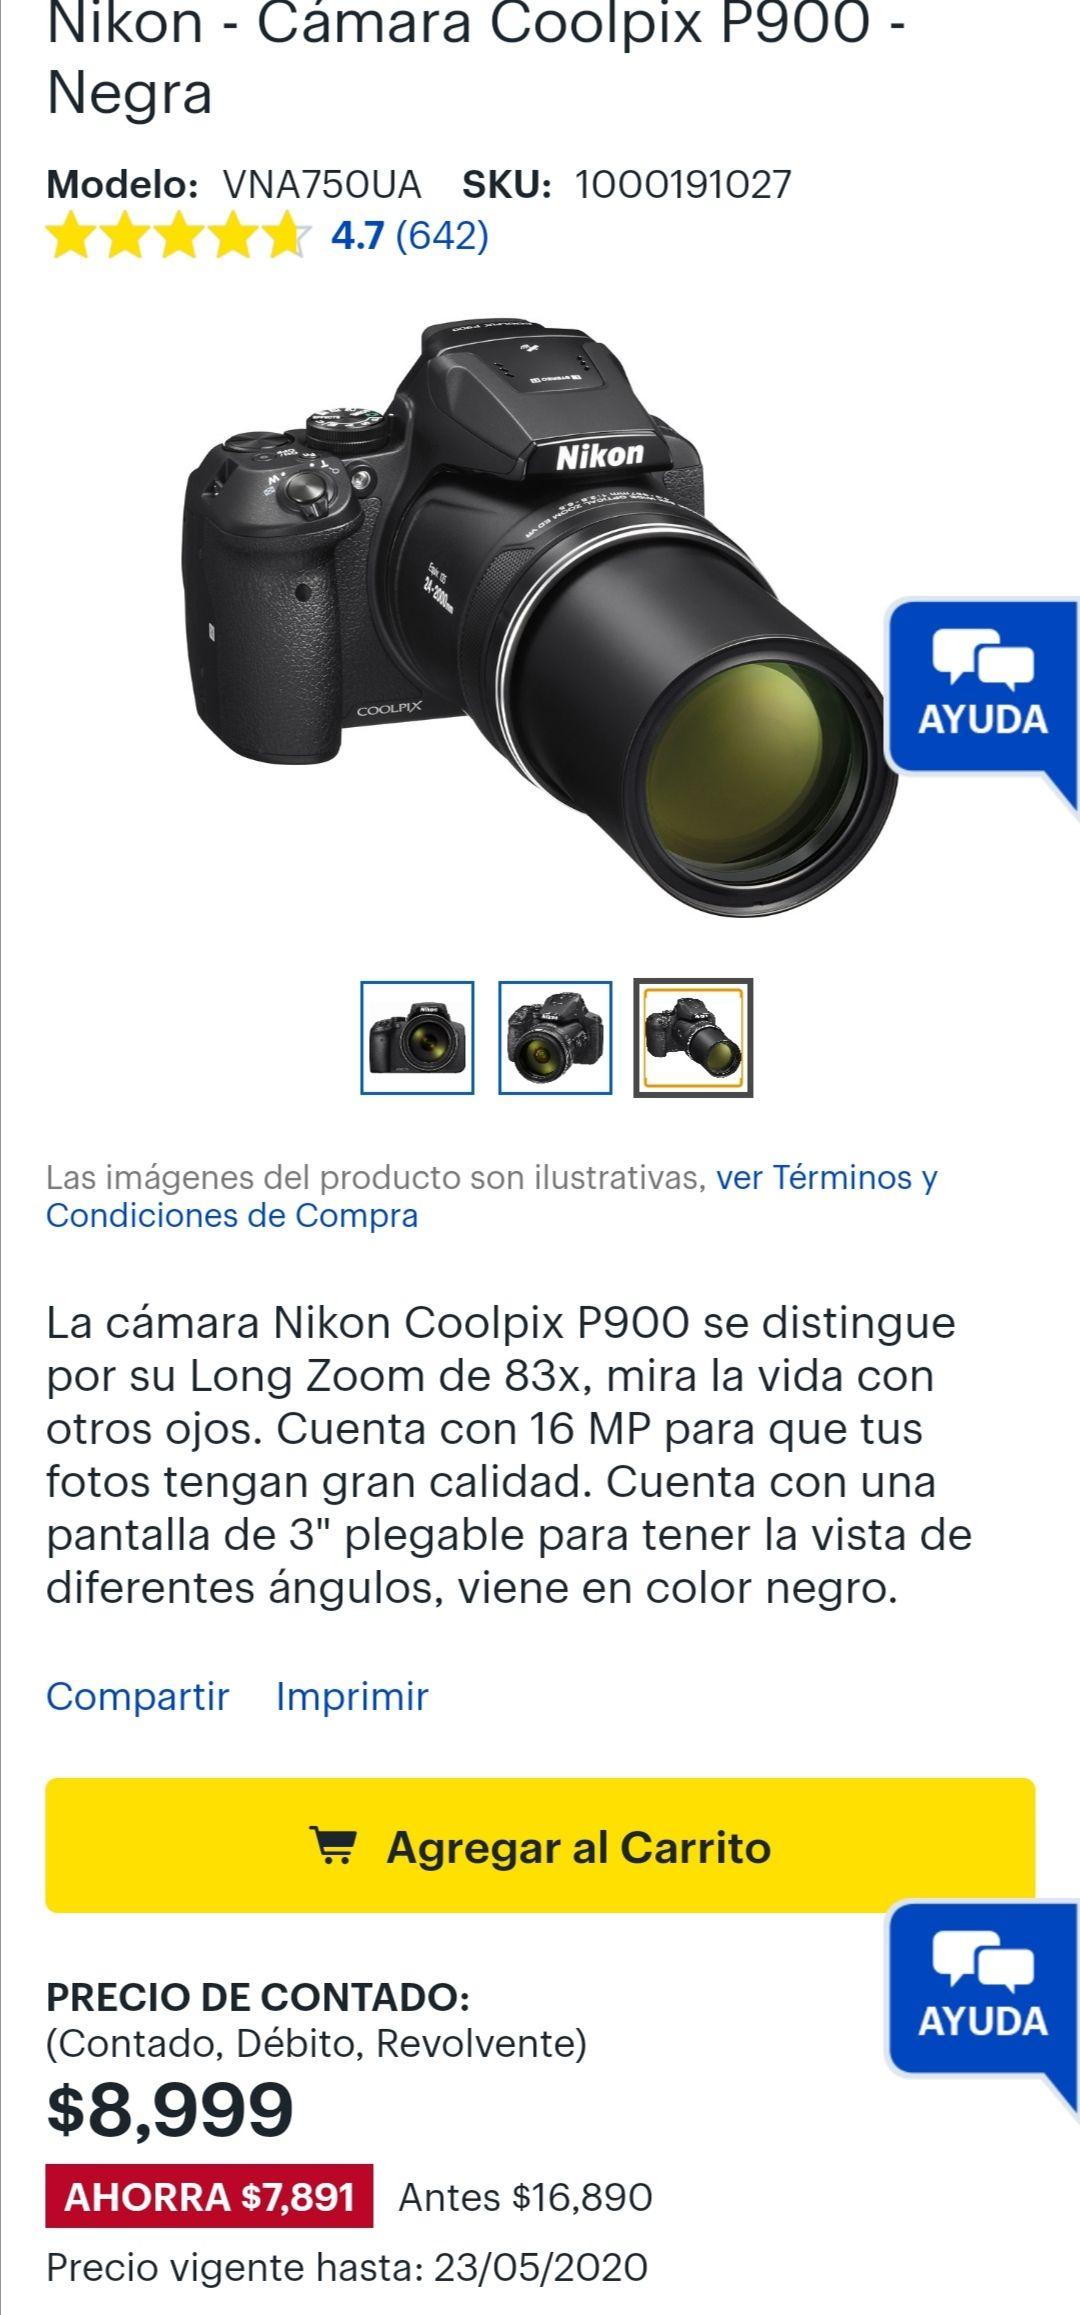 Best Buy Nikon - Cámara Coolpix P900 - Negra